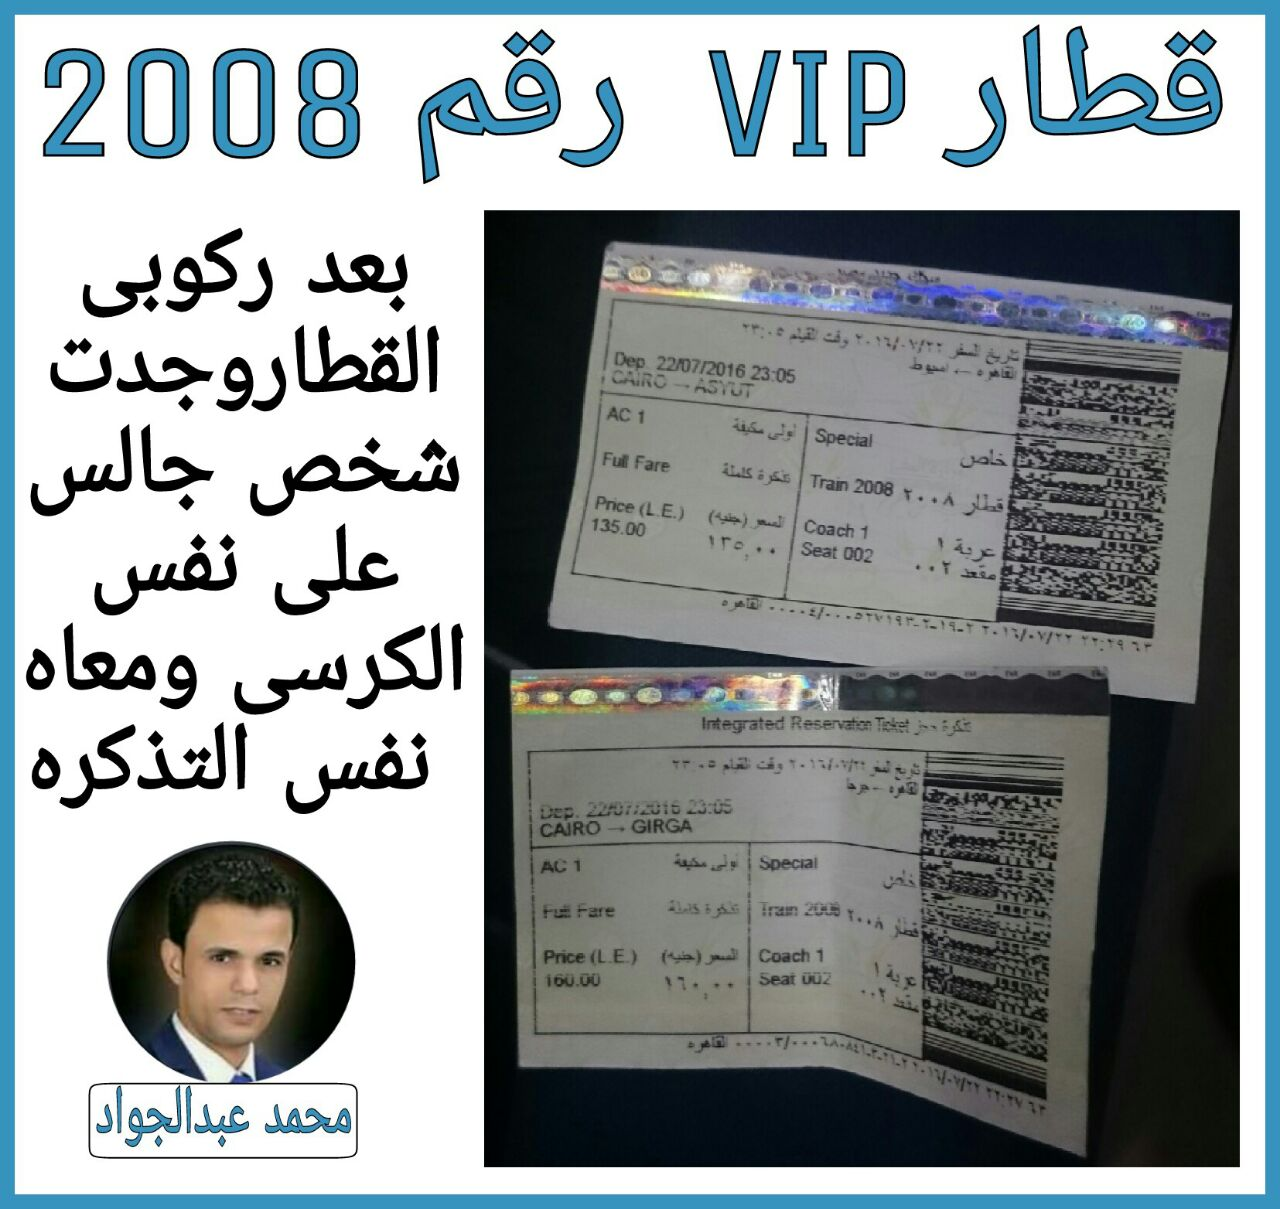 مواطن يكتشف وجود نفس تذكرتة مع شخص أخر فى قطار القاهرة أسيوط «السكه الحديد طبعت التذكرة مرتين»